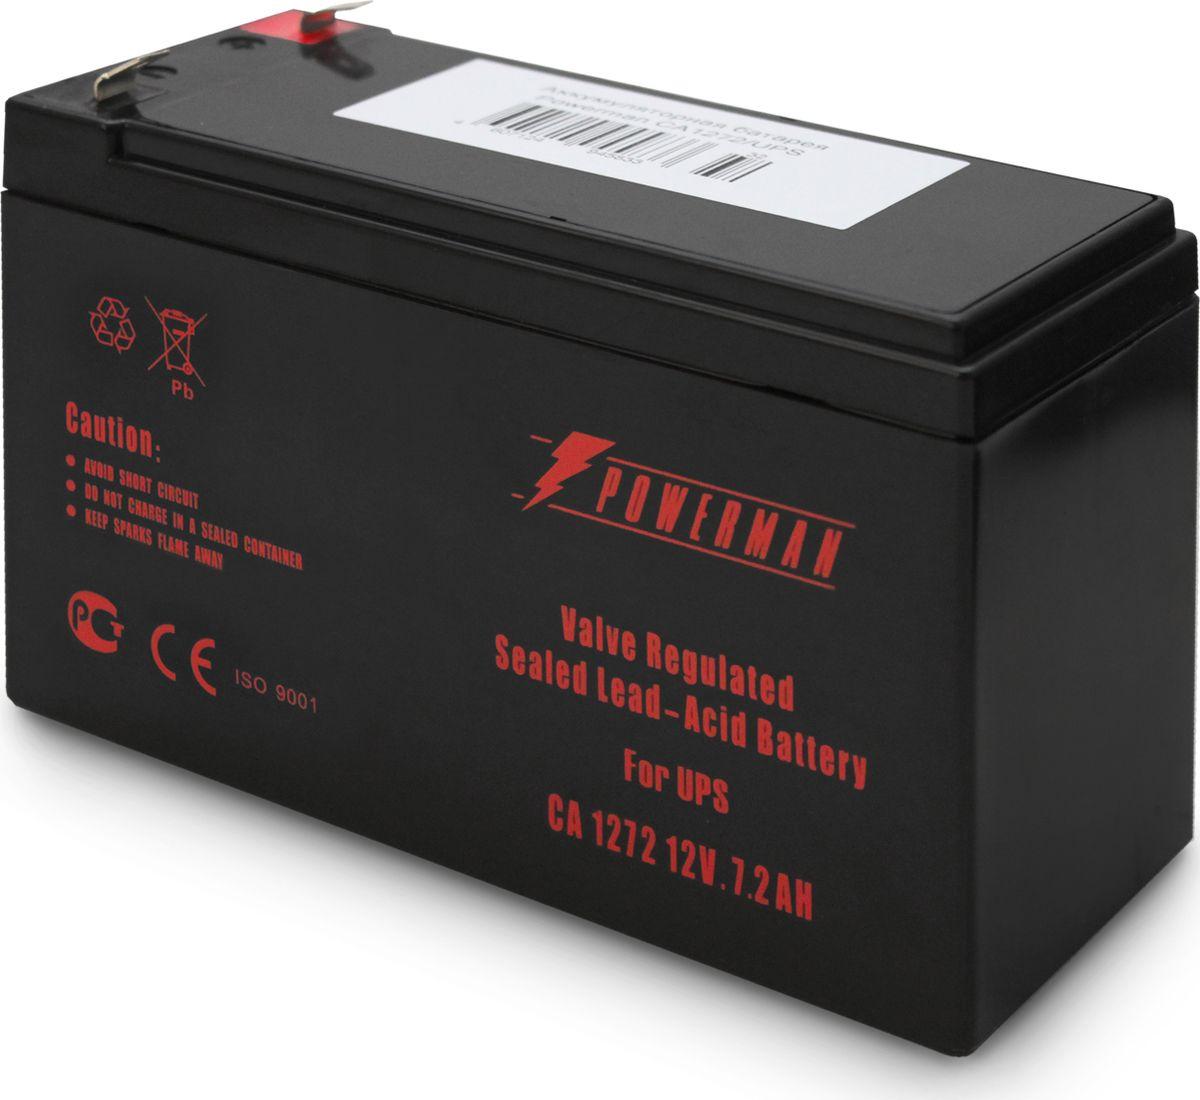 Аккумулятор Powerman  CA1272/UPS , 7200 мАч - Источники бесперебойного питания (UPS)